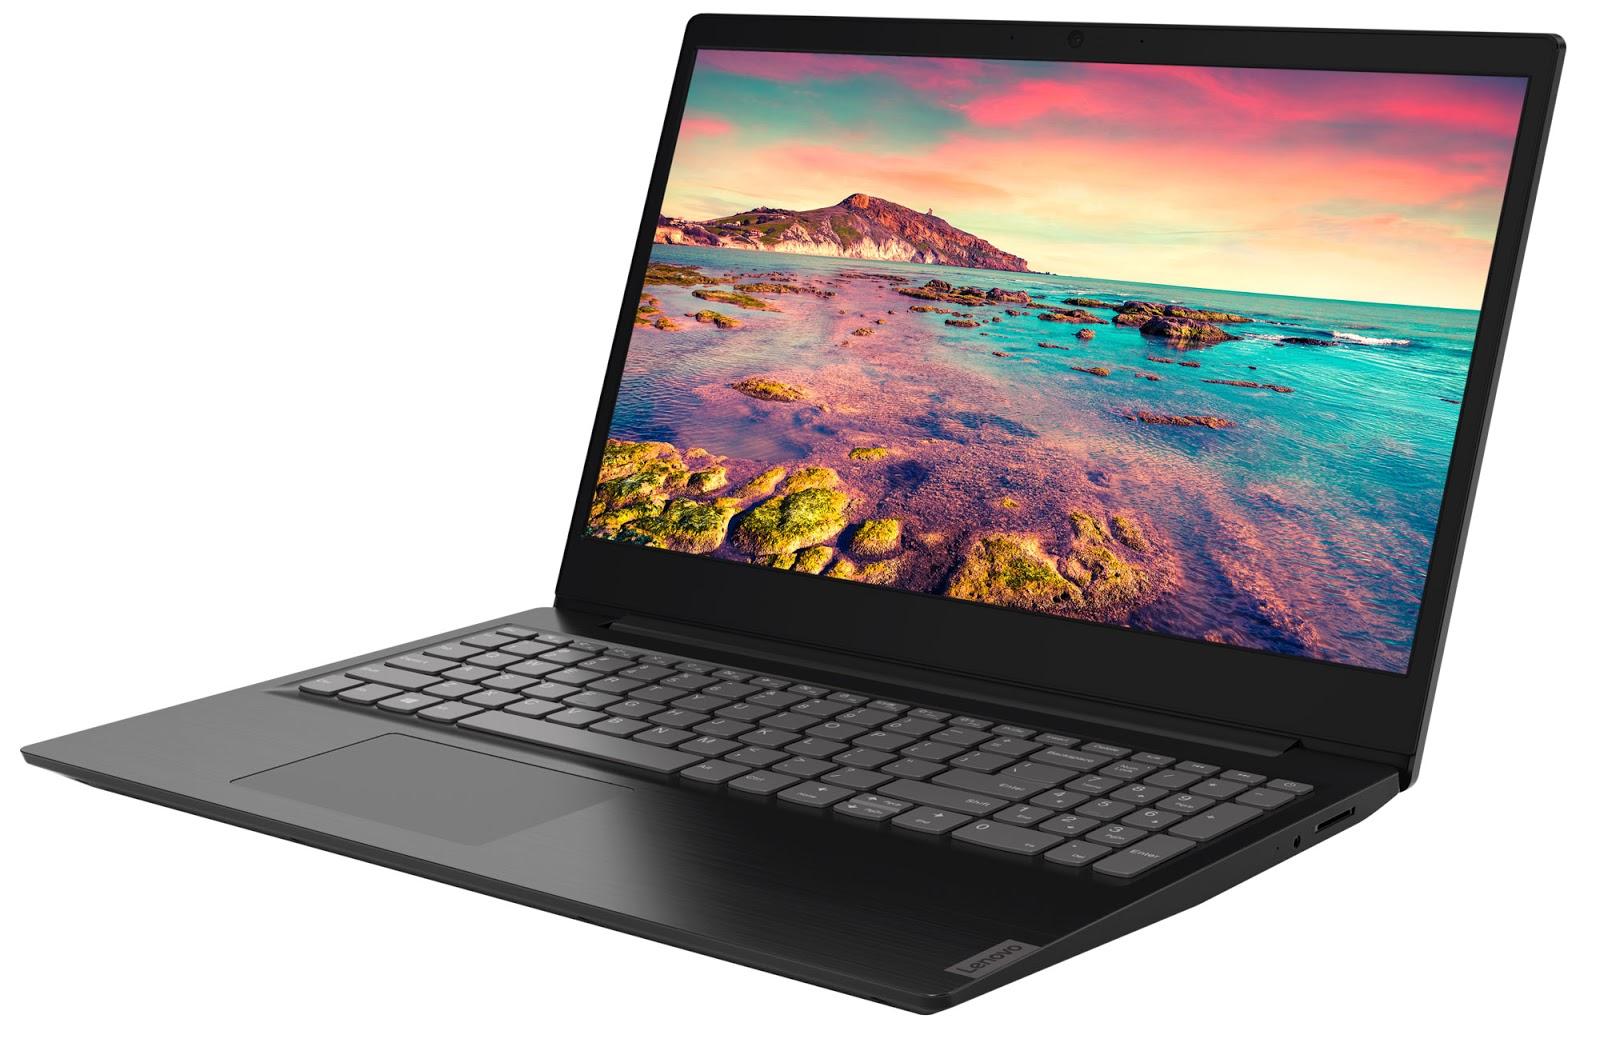 фото Lenovo IdeaPad S145